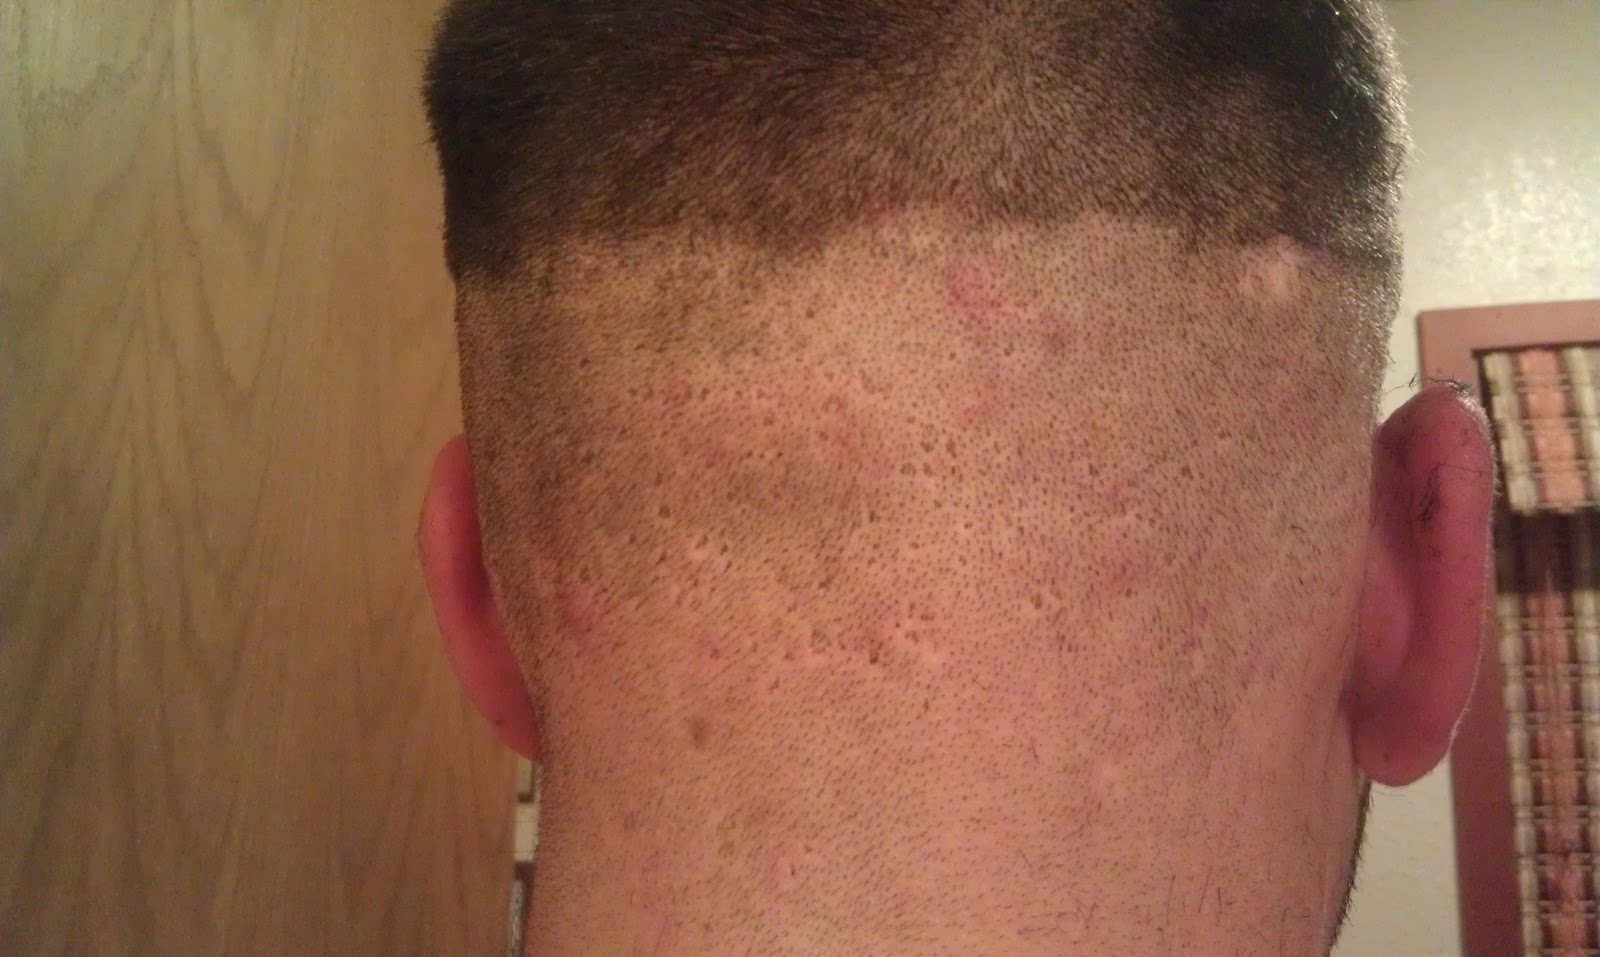 ... Bad Haircut , Terrible Fade Haircut , Ugly Fade Haircut , Bad Haircuts